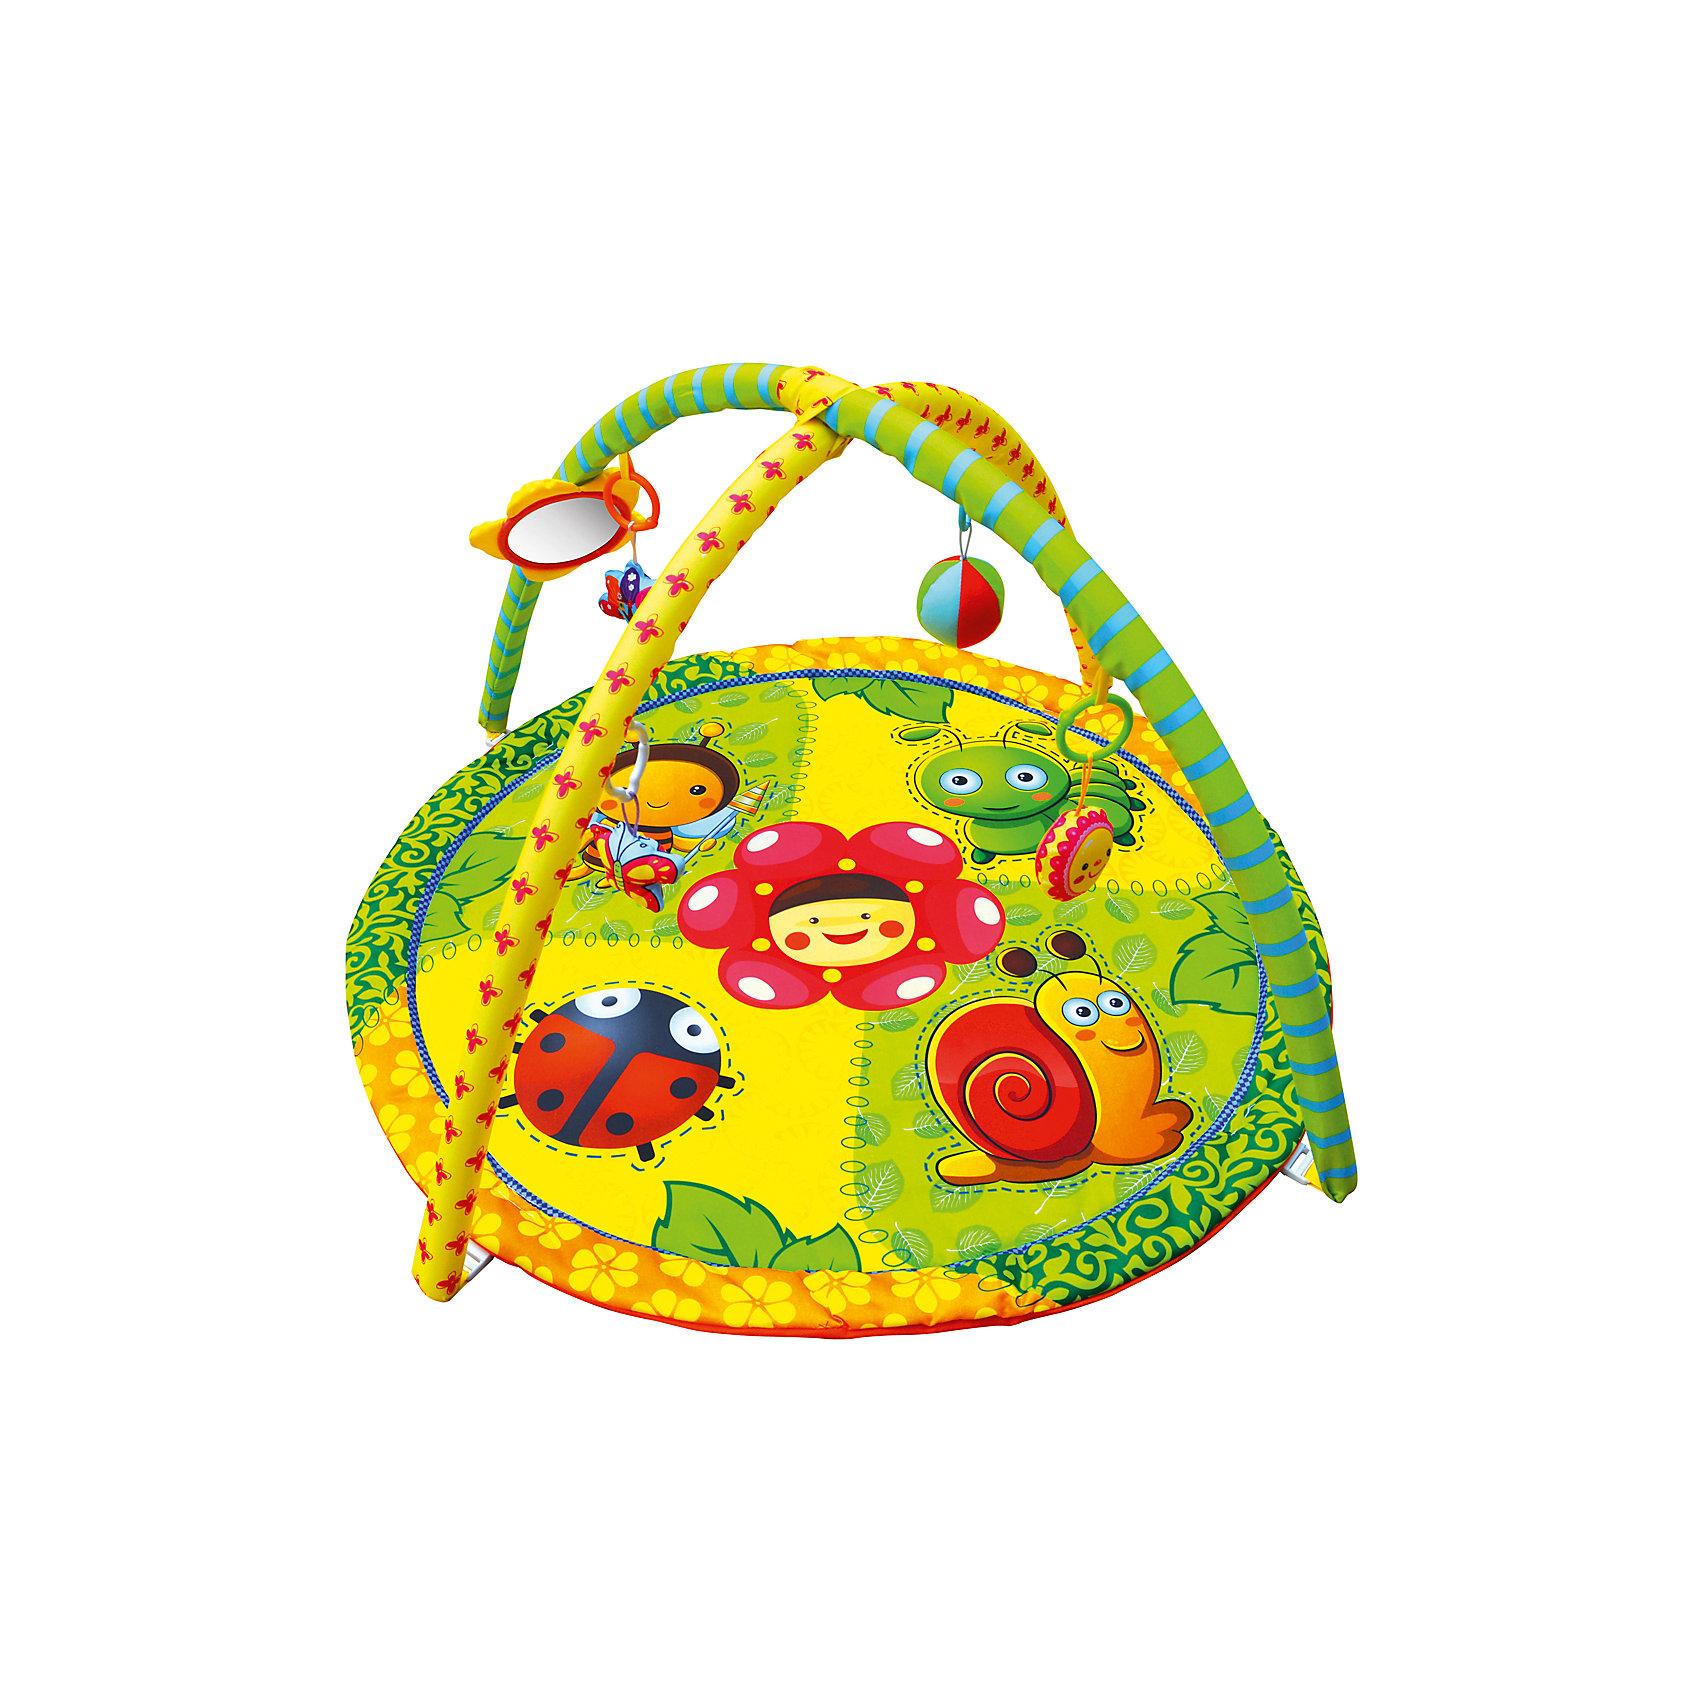 Развивающий коврик «Летняя полянка», ЖирафикиРазвивающий коврик – идеальное место для игры малыша и просто провождении времени вне сна. Коврик сам по себе – развивающая игрушка с множеством интересных и разнообразных деталей. Погремушки, пищалки, зеркальца, звуковые и световые эффекты сделают коврик любимой игрушкой ребенка. Коврик развивает воображение, улучшает координацию и мелкую моторику ребенка. Материалы, использованные при изготовлении товара, абсолютно безопасны и отвечают всем международным требованиям по качеству.<br><br>Дополнительные характеристики:<br><br>материал: текстиль, пластик;<br>цвет: разноцветный;<br>возраст: 0-12 месяцев;<br>габариты: 60 X 60 X 5 см.<br><br>Развивающий коврик Летняя полянка от компании Жирафики можно приобрести в нашем магазине.<br><br>Ширина мм: 650<br>Глубина мм: 940<br>Высота мм: 630<br>Вес г: 938<br>Возраст от месяцев: 1<br>Возраст до месяцев: 36<br>Пол: Унисекс<br>Возраст: Детский<br>SKU: 5032573